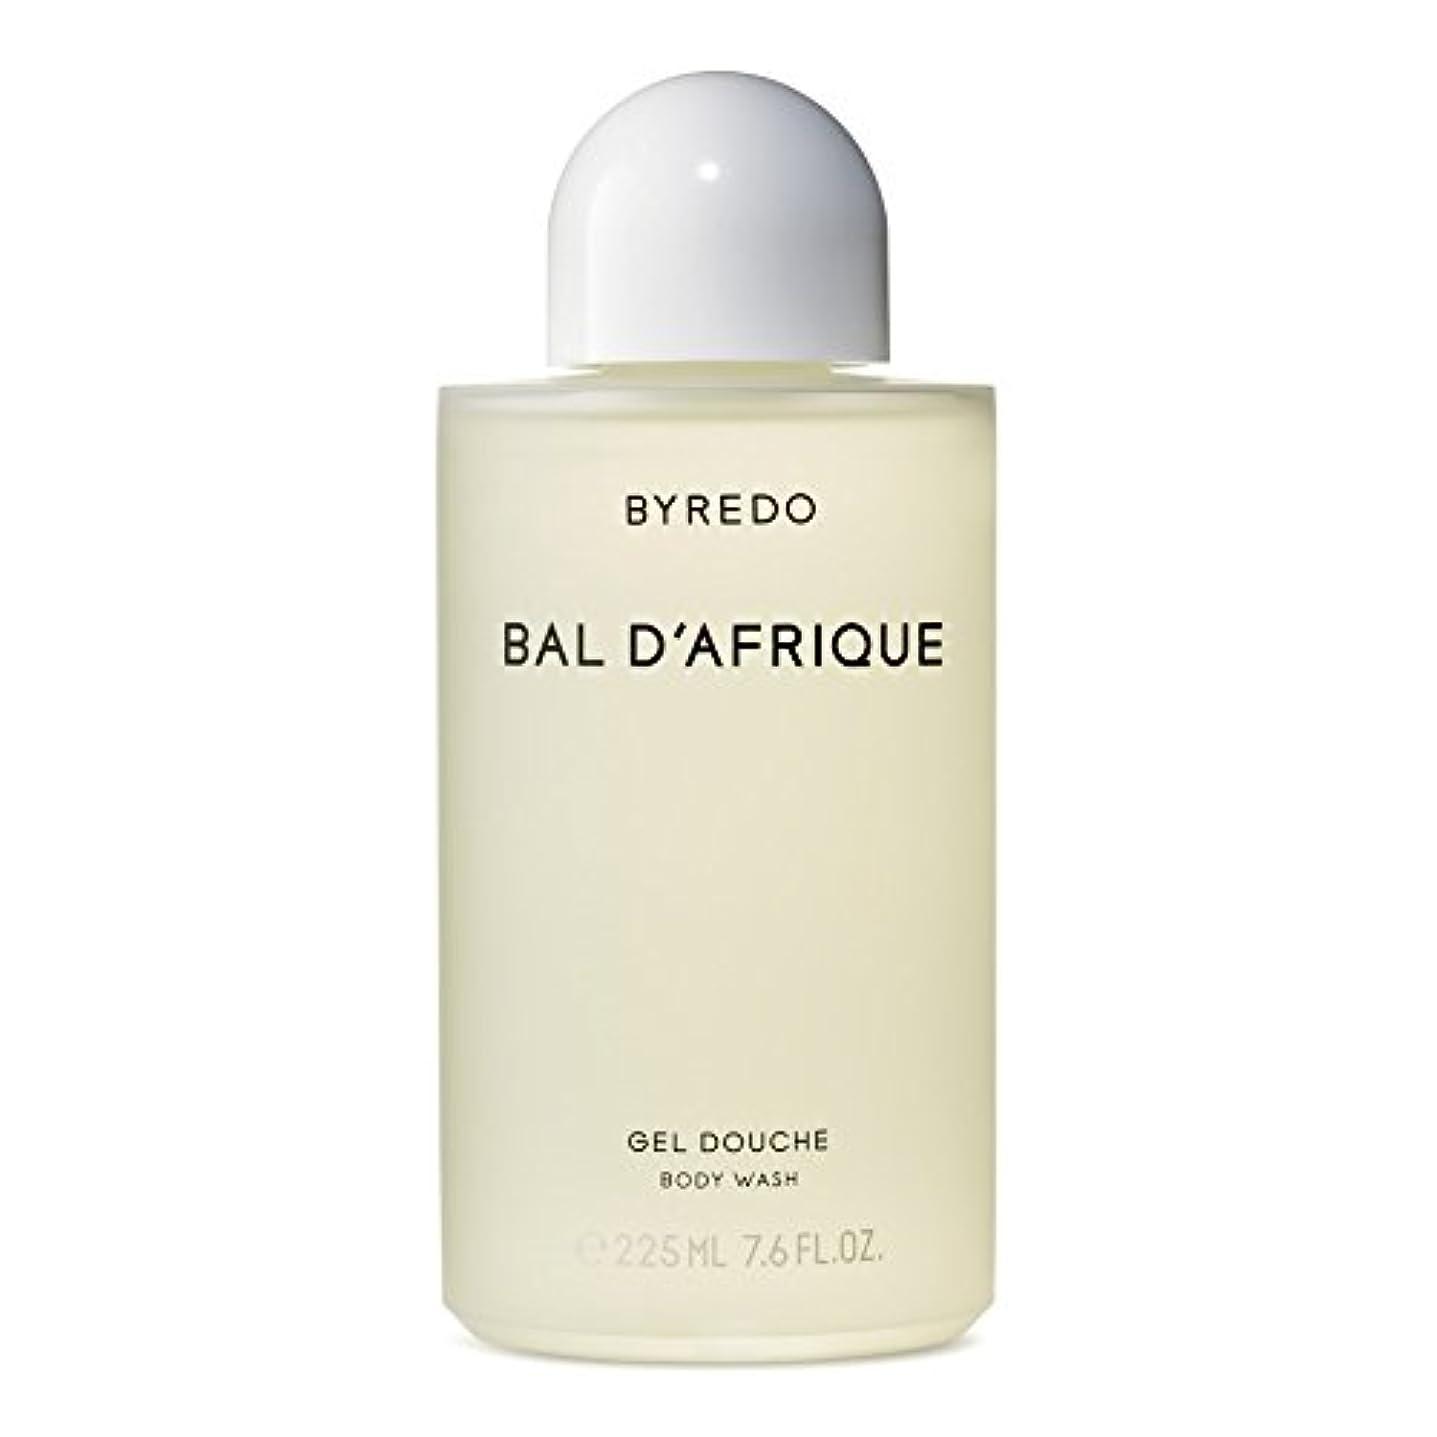 ガイダンスごめんなさいコンソールByredo Bal d'Afrique Body Wash 225ml (Pack of 6) - 'のボディウォッシュ225ミリリットル x6 [並行輸入品]